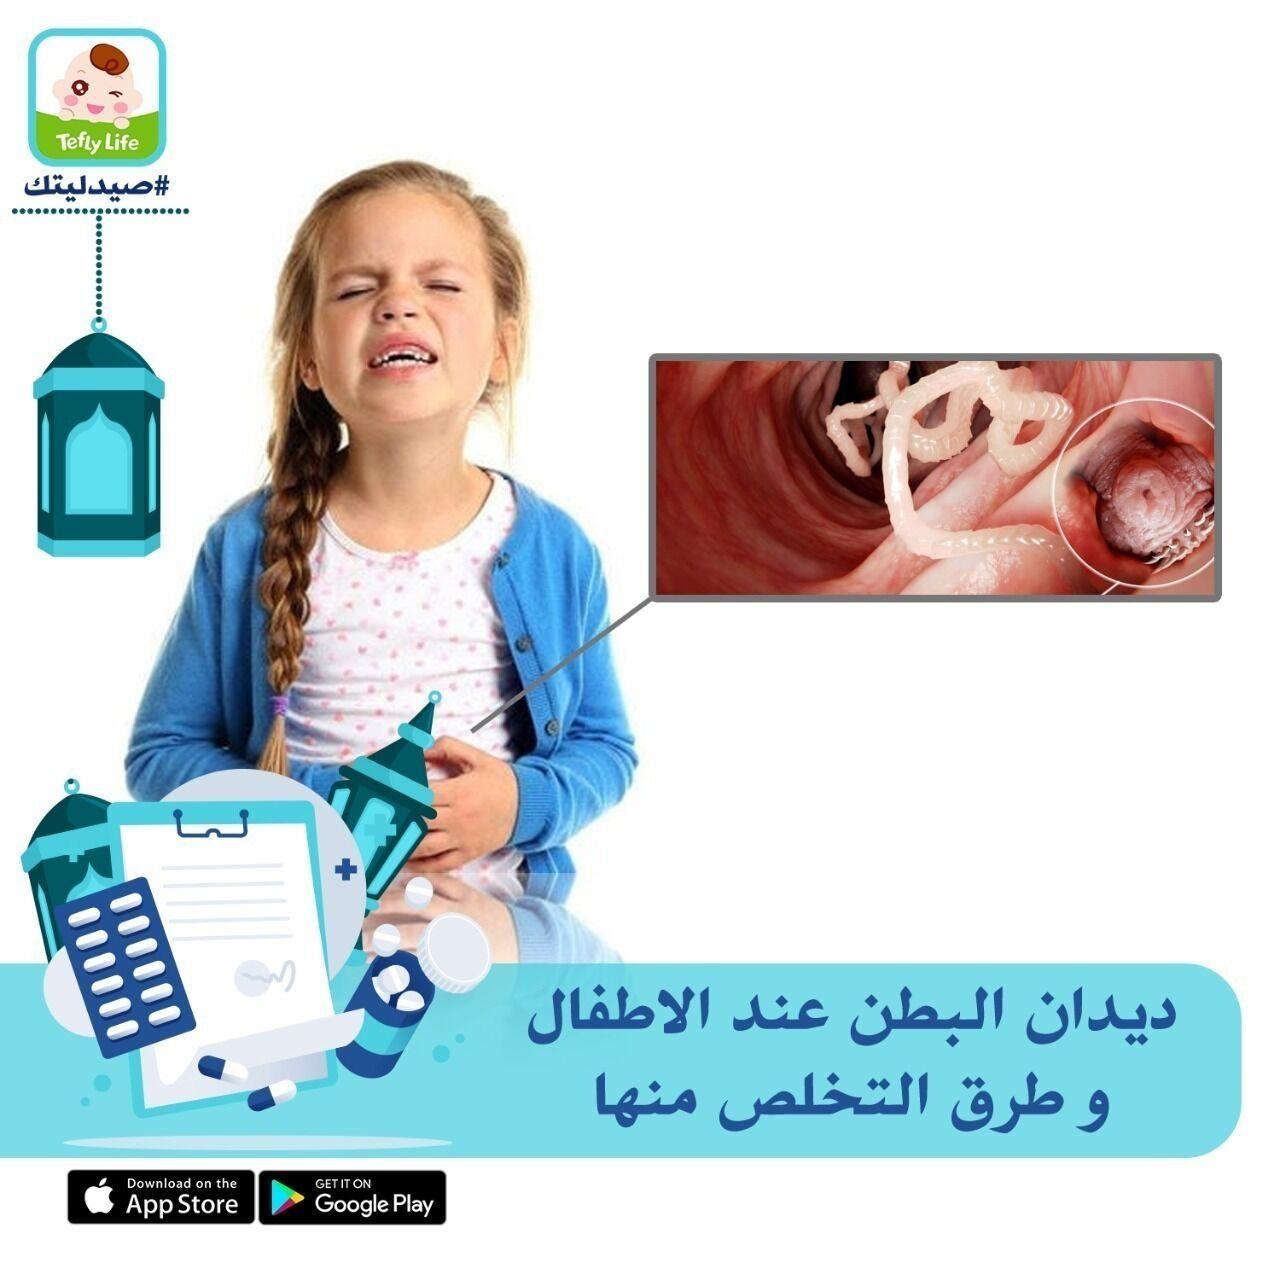 أعراض و علامات إصابة طفلك بديدان بالبطن ، و طرق التخلص منها ....